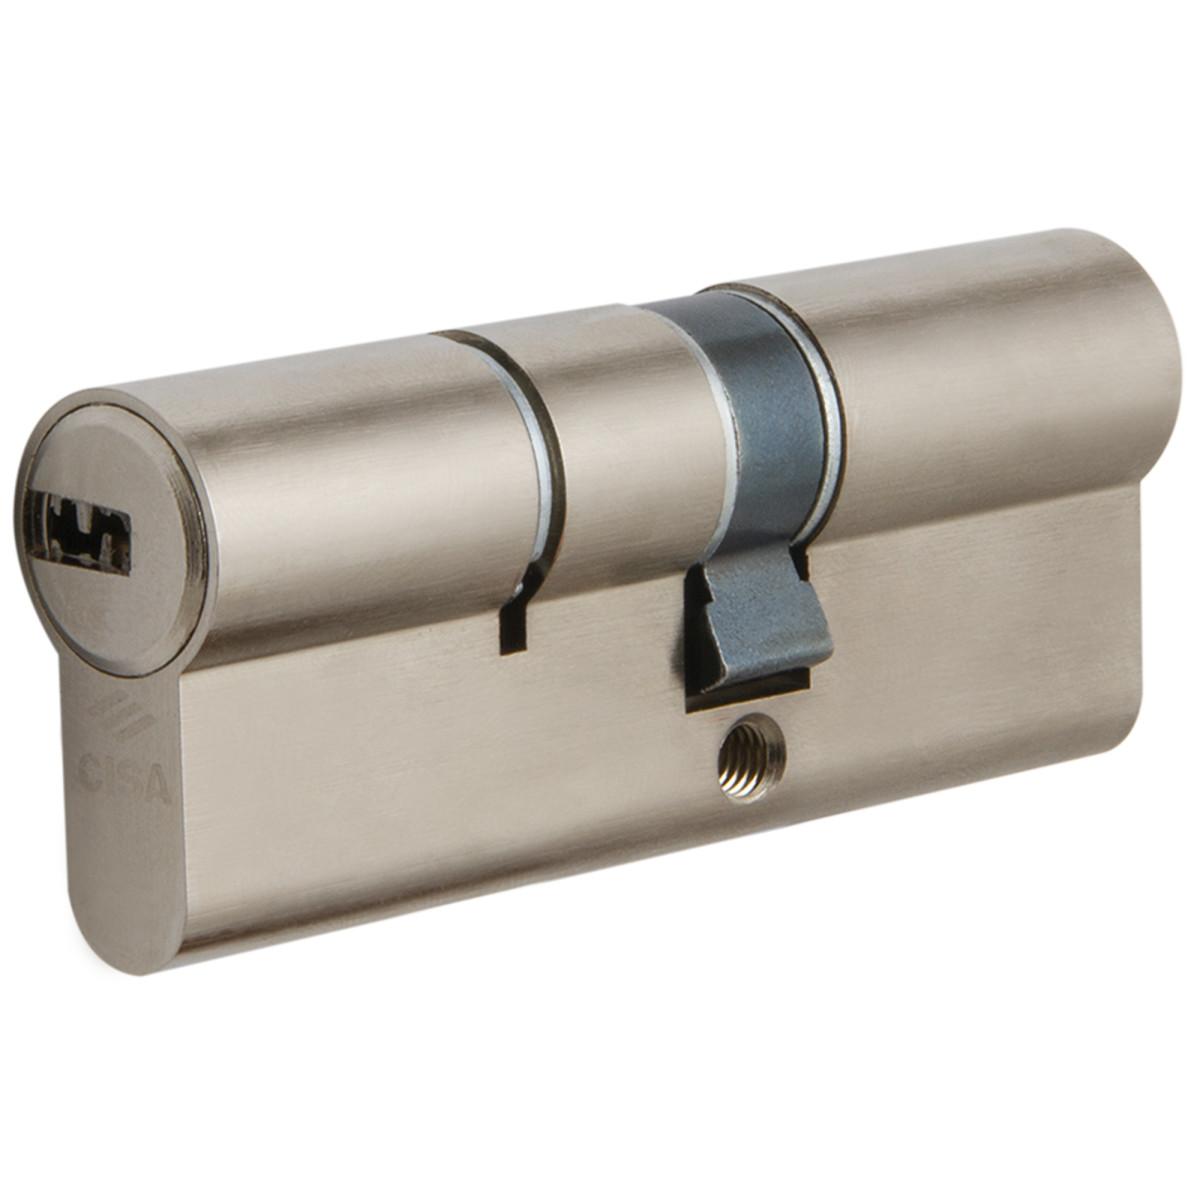 Цилиндр Cisa Astral ОА310-19.12 35x45 мм ключ/ключ цвет никель